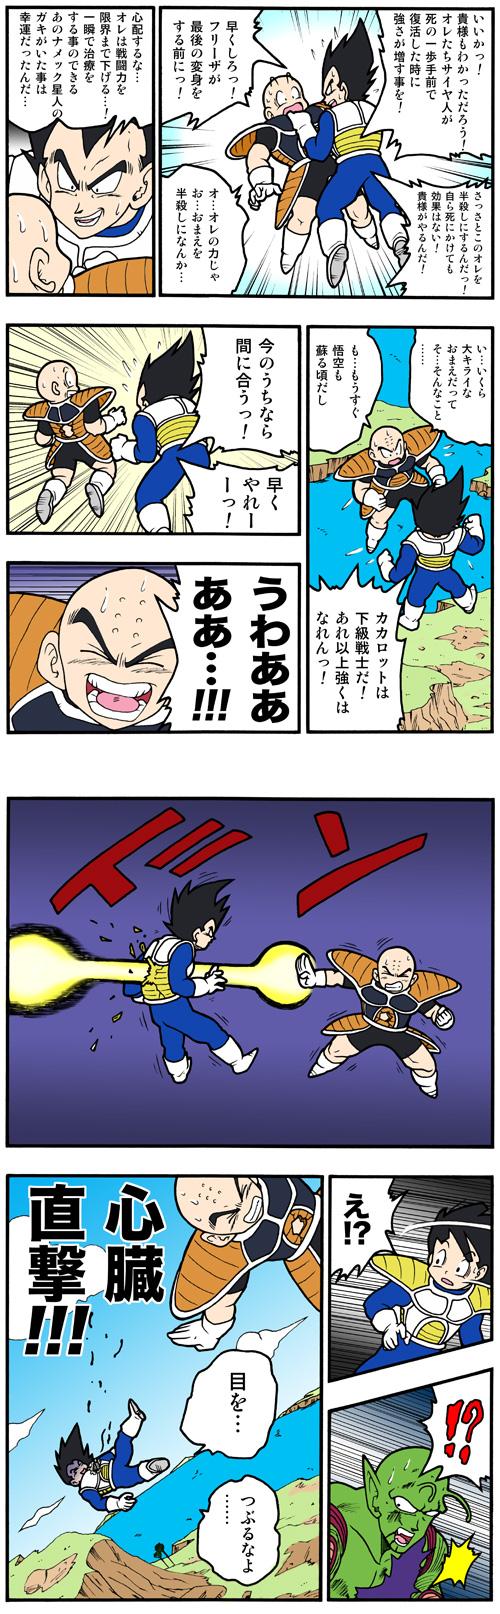 漫画:ドラゴンボール -目をつぶるなよ- [おもしろ]